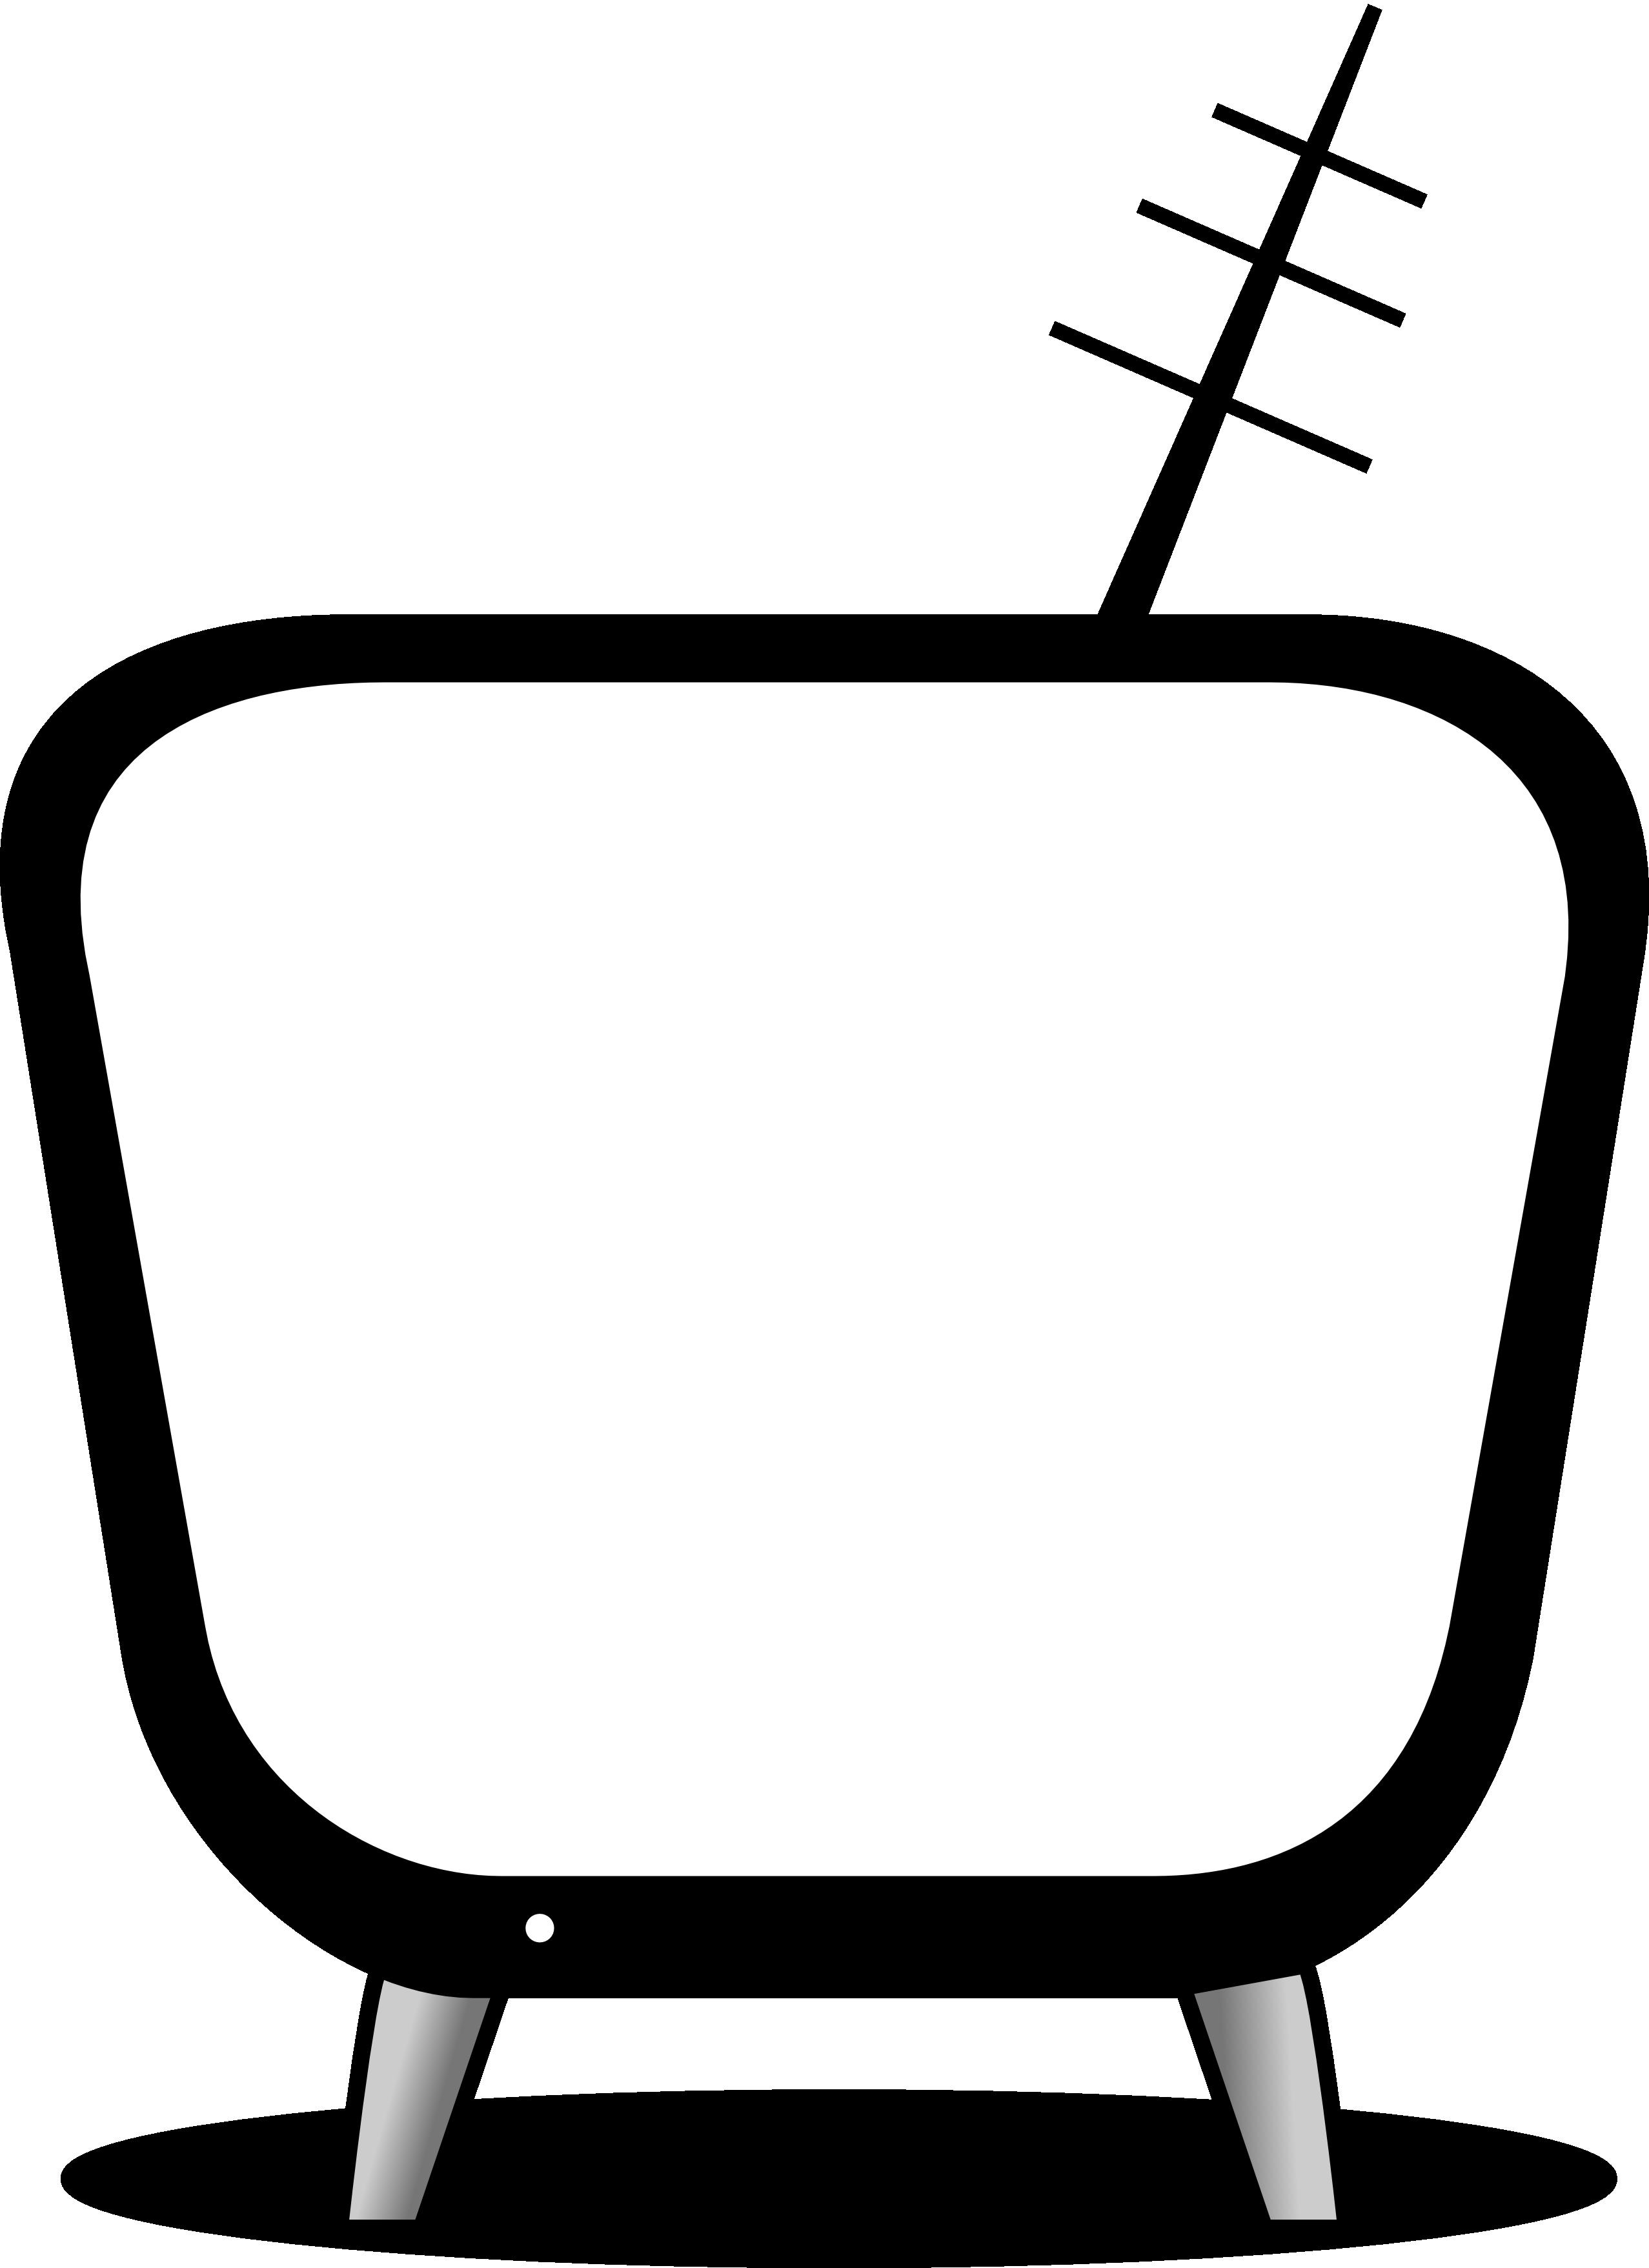 简笔画 设计 矢量 矢量图 手绘 素材 线稿 2555_3515 竖版 竖屏